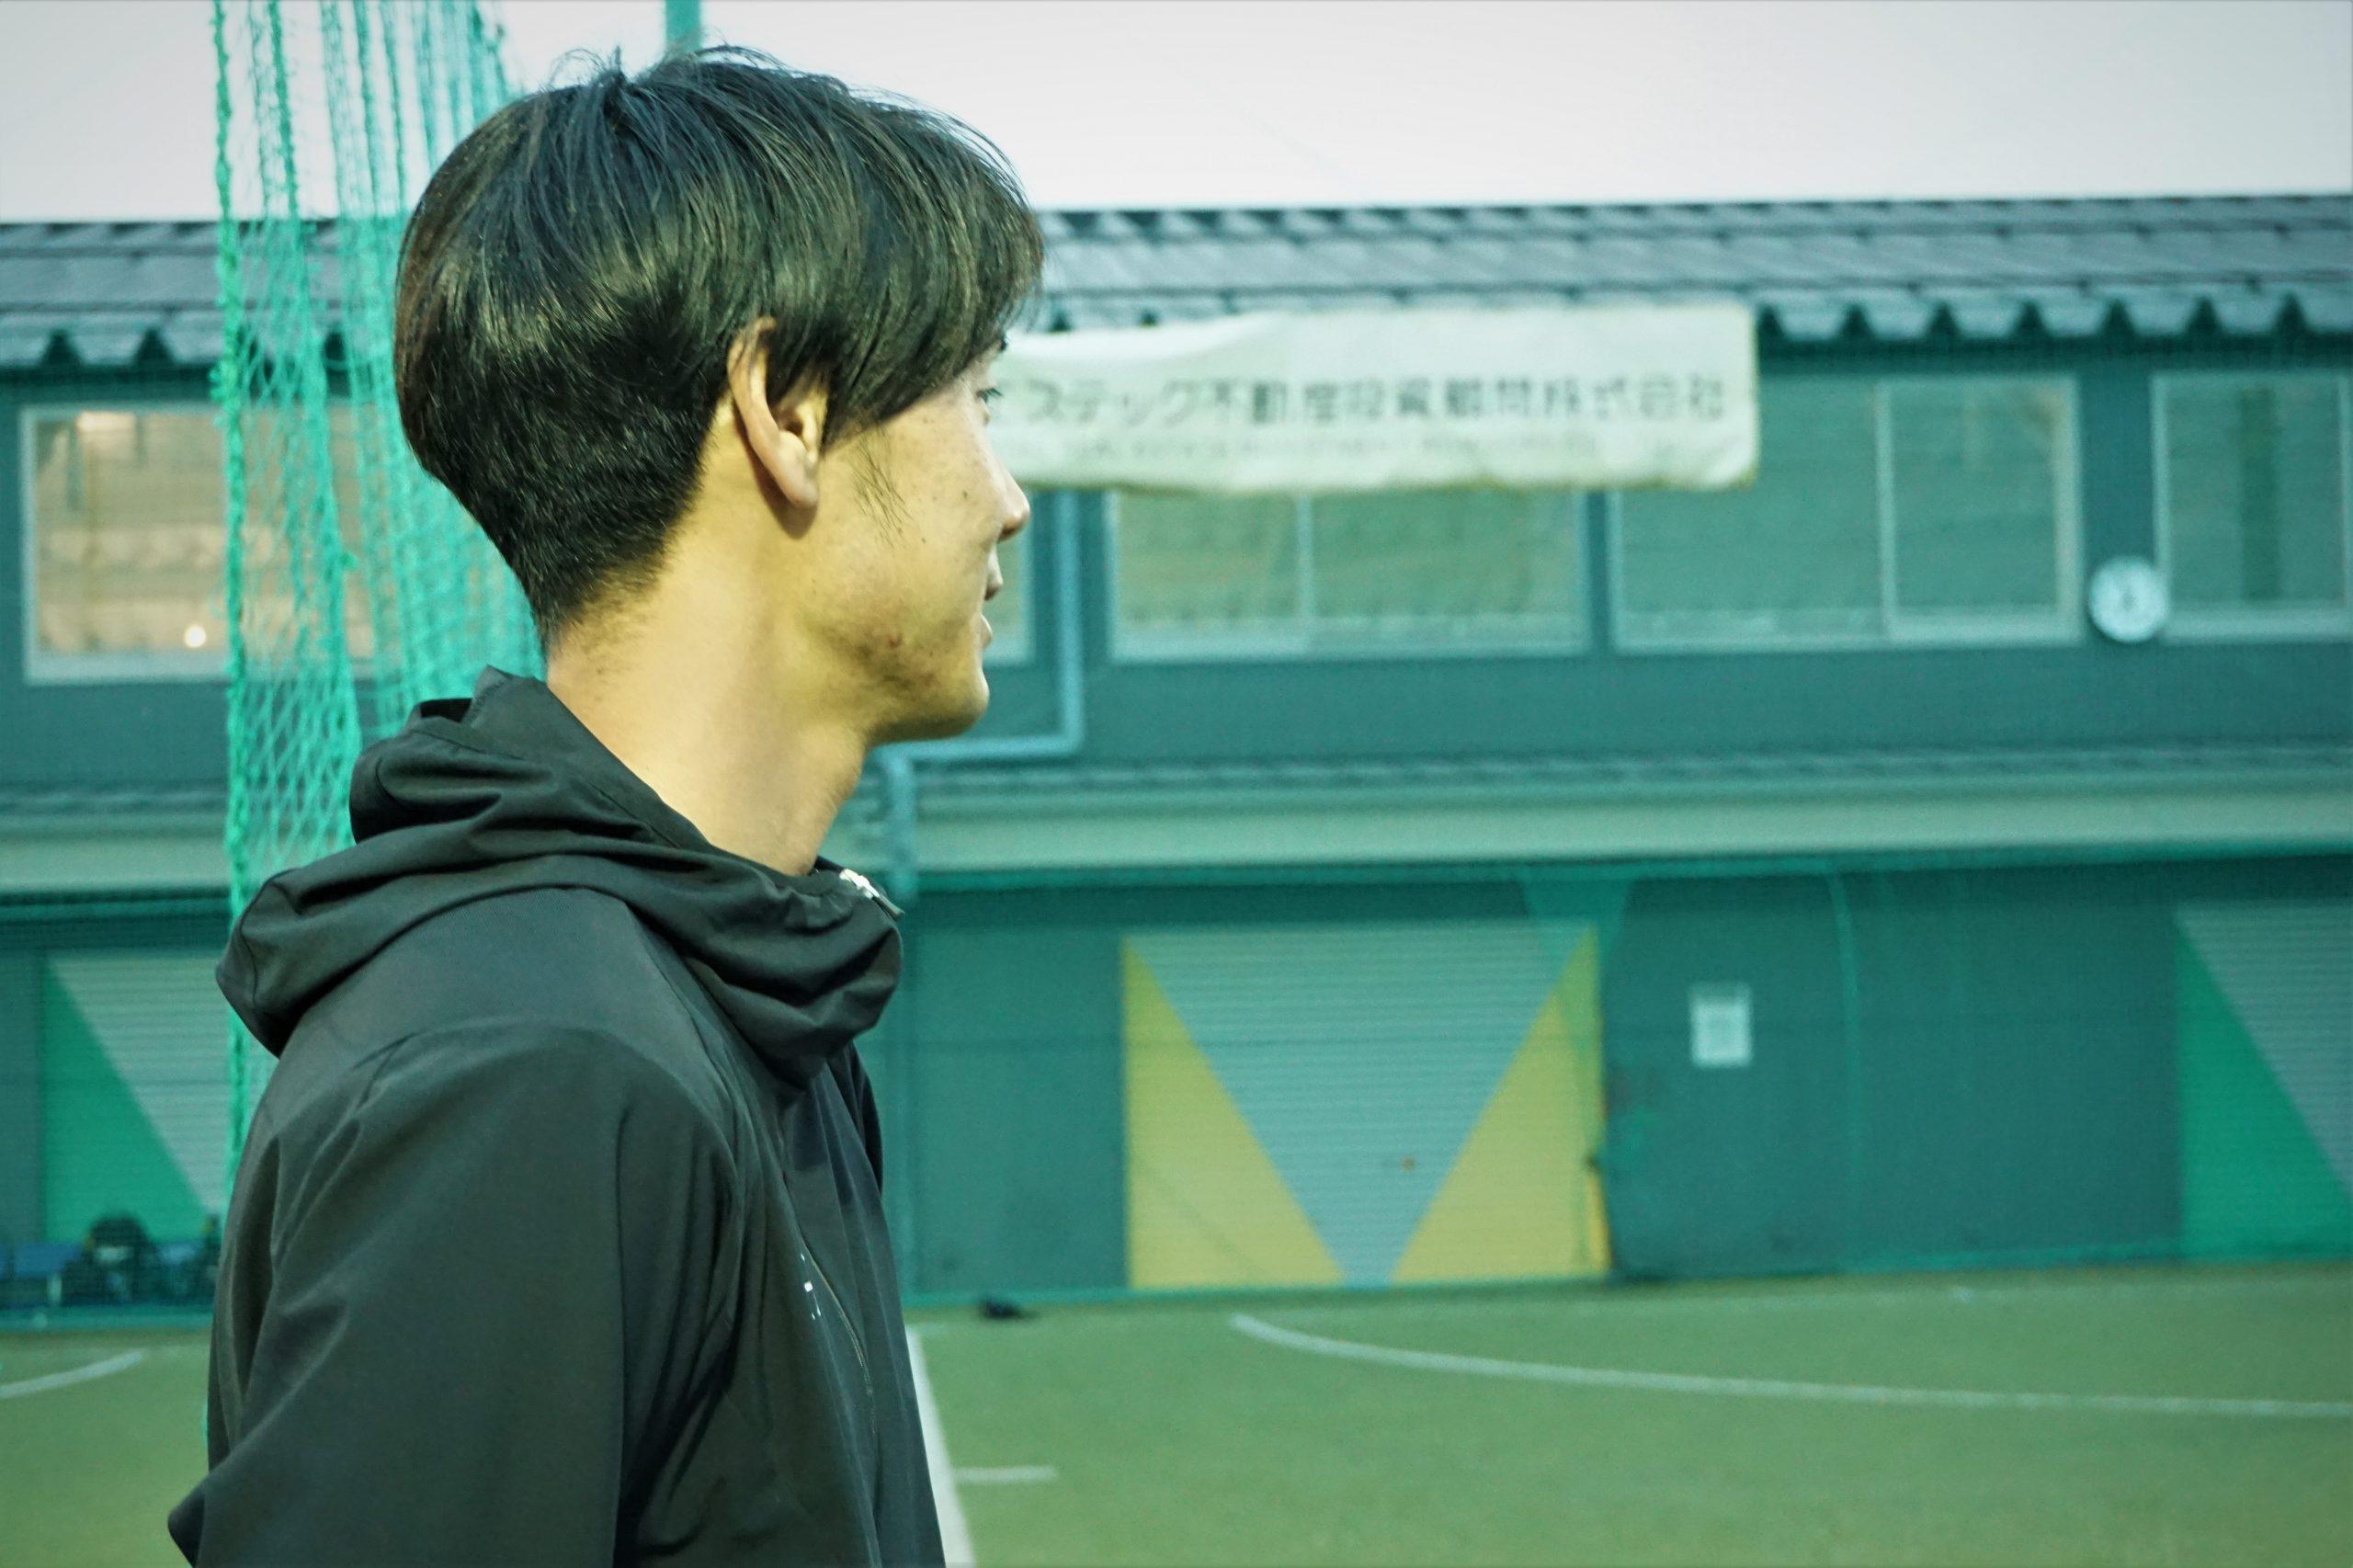 田島さんの横顔